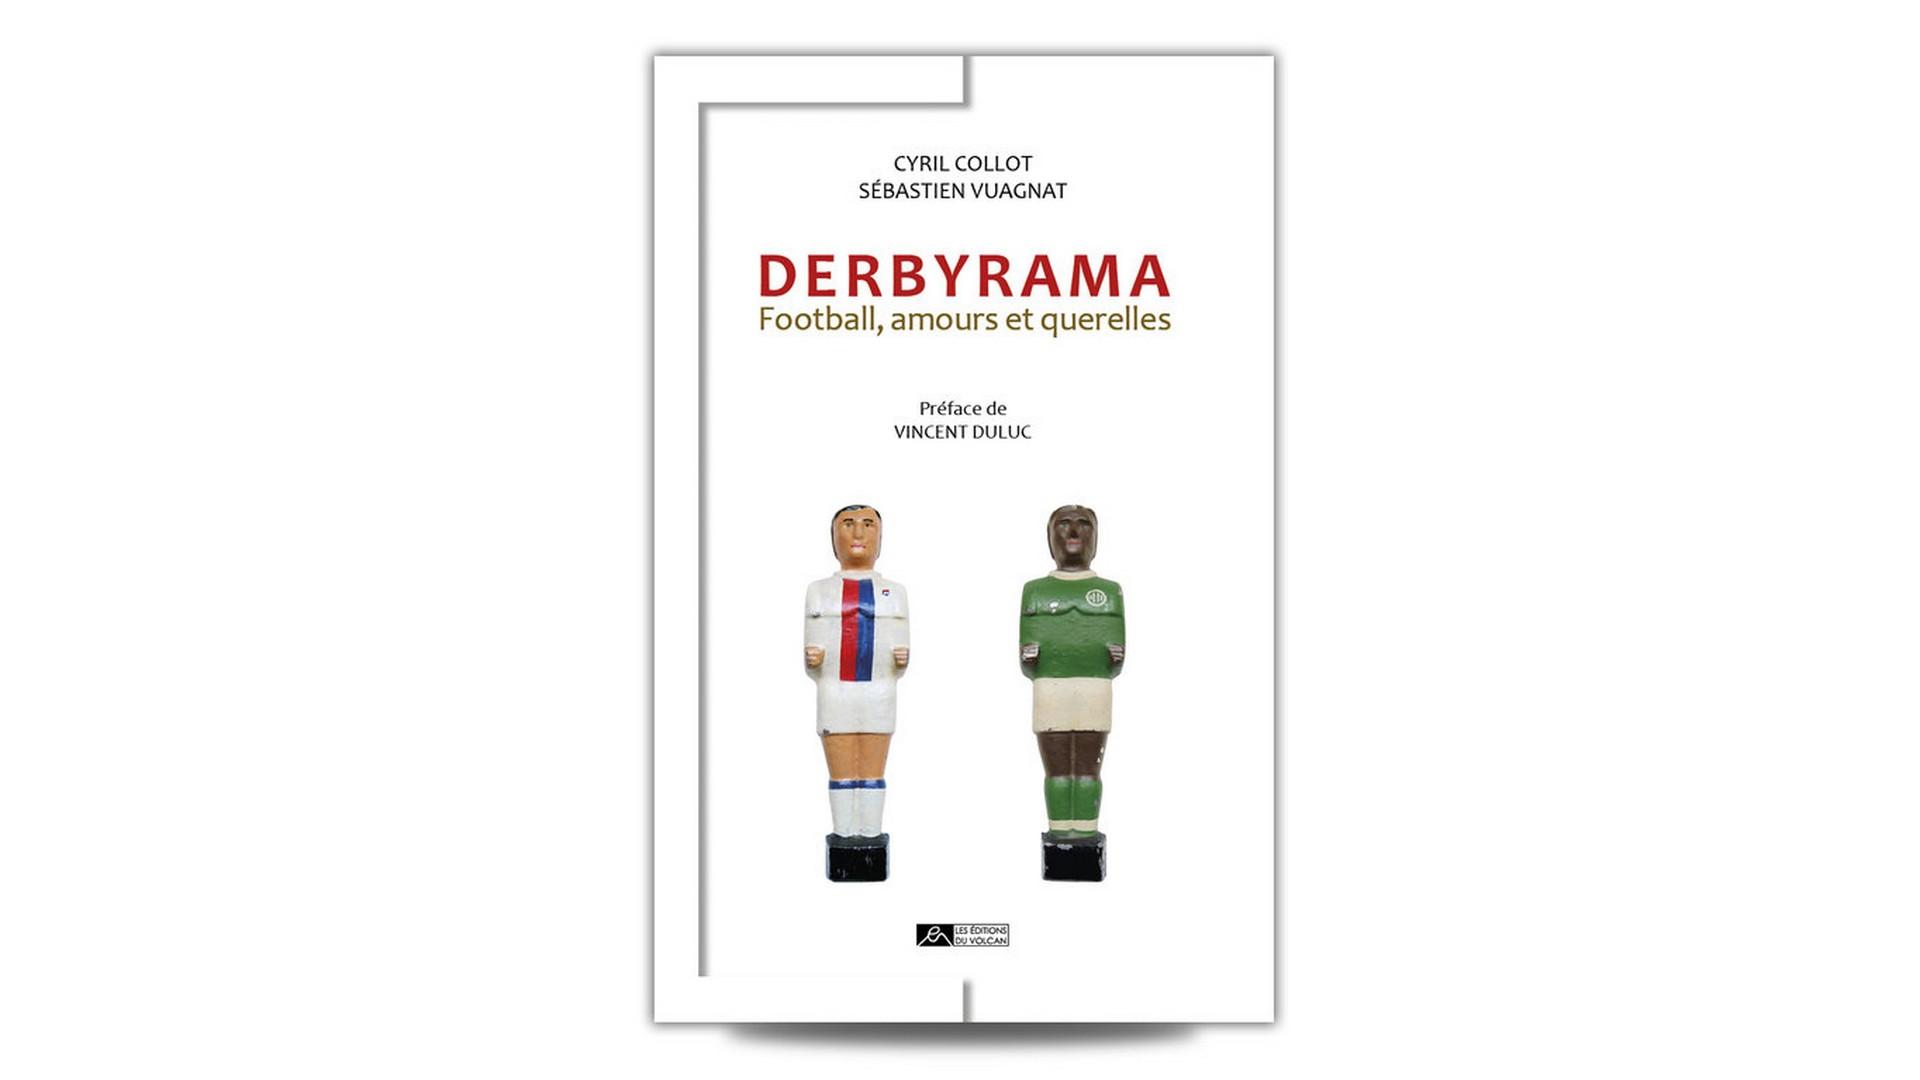 Livres – Derbyrama – Cyri Collot Sébastien Vuagnat (2021)